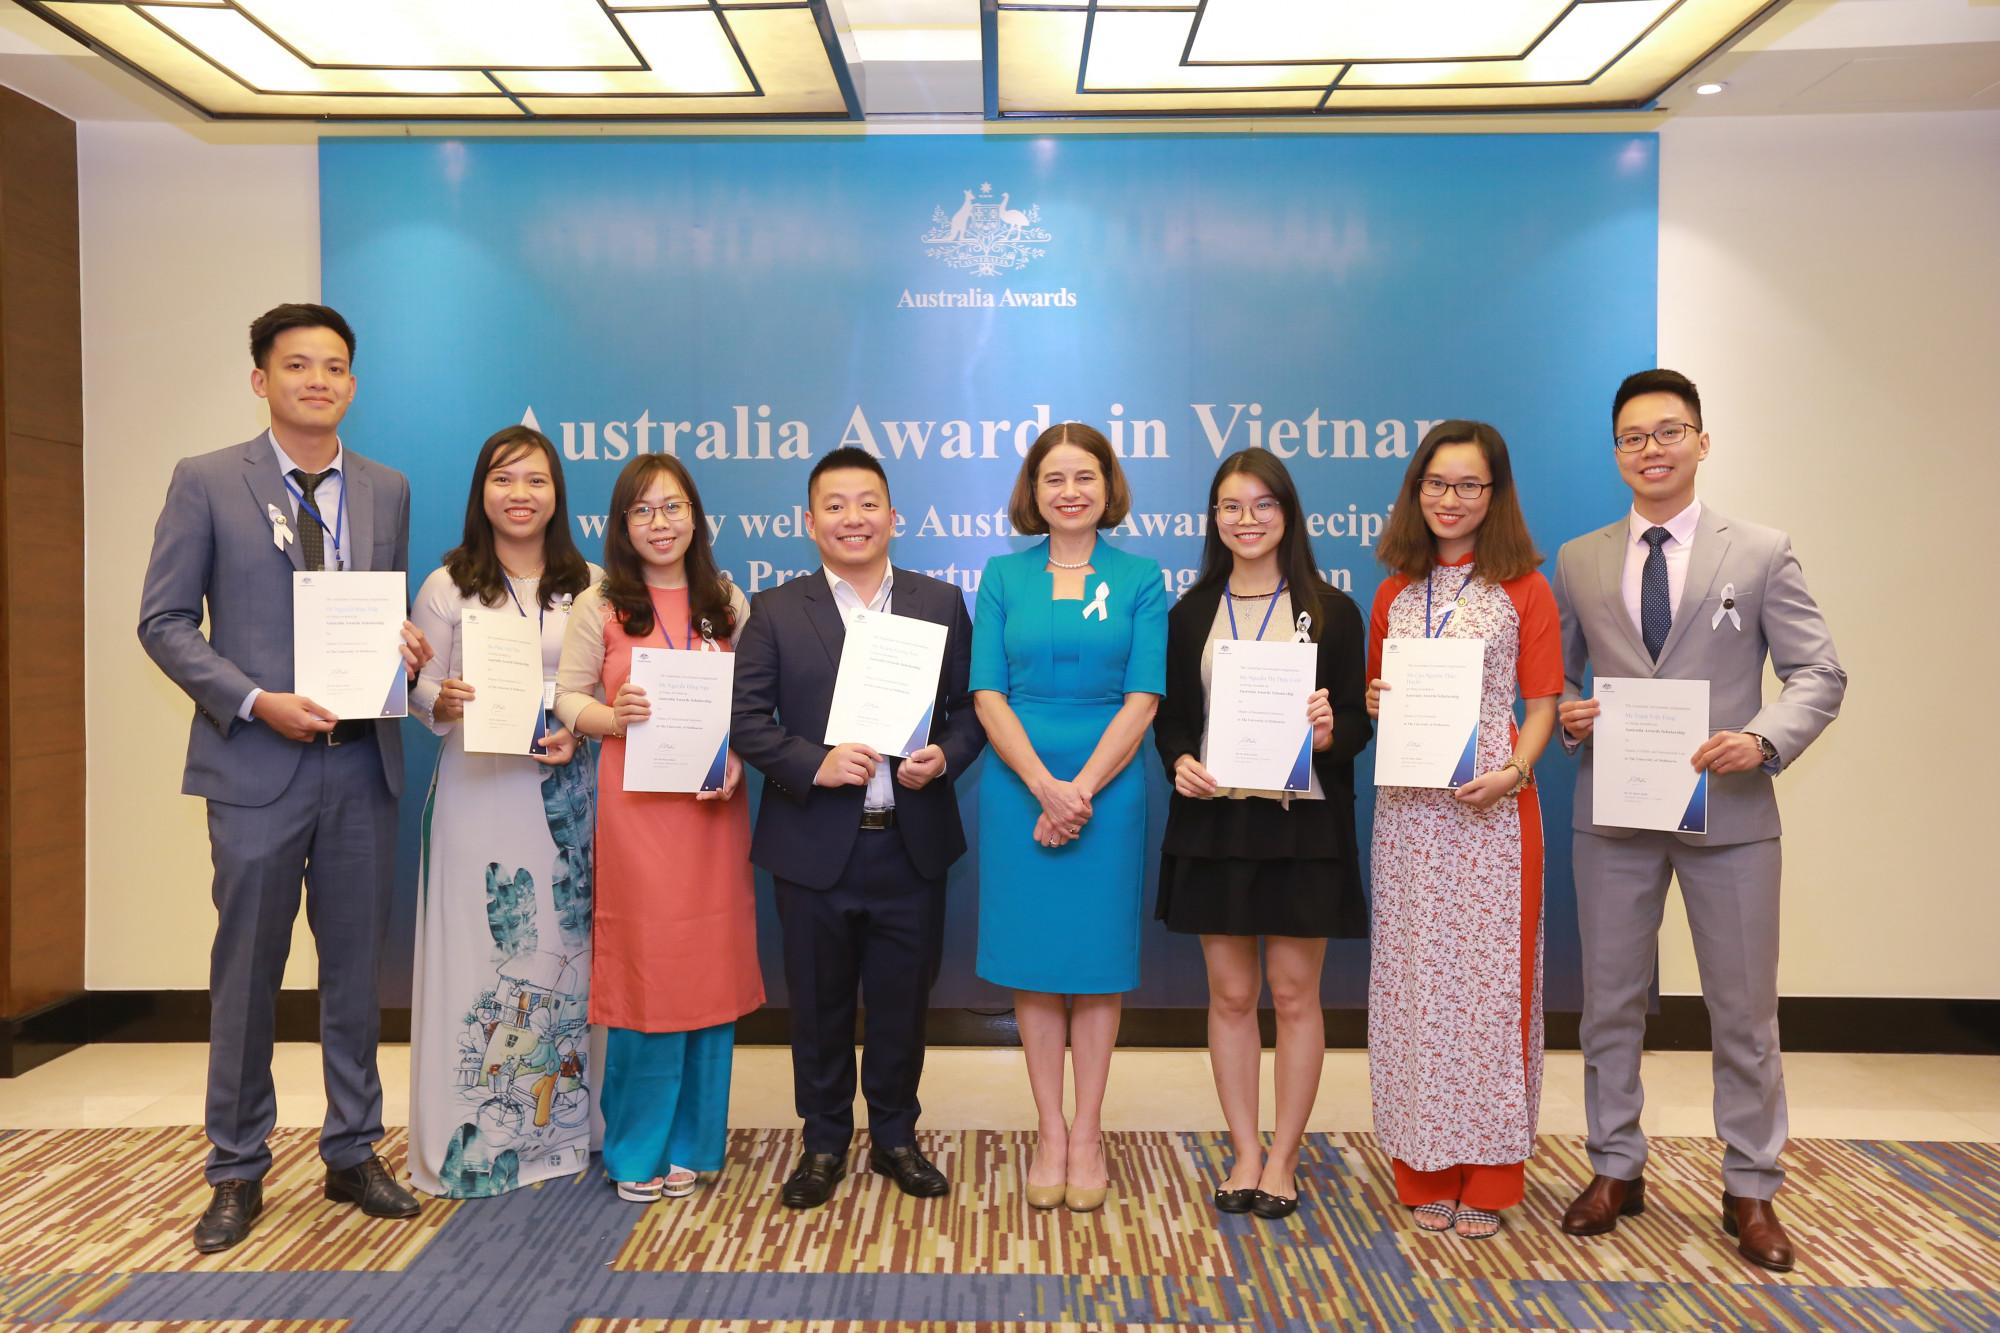 Các ứng viên được trao học bổng của Chính phủ Úc